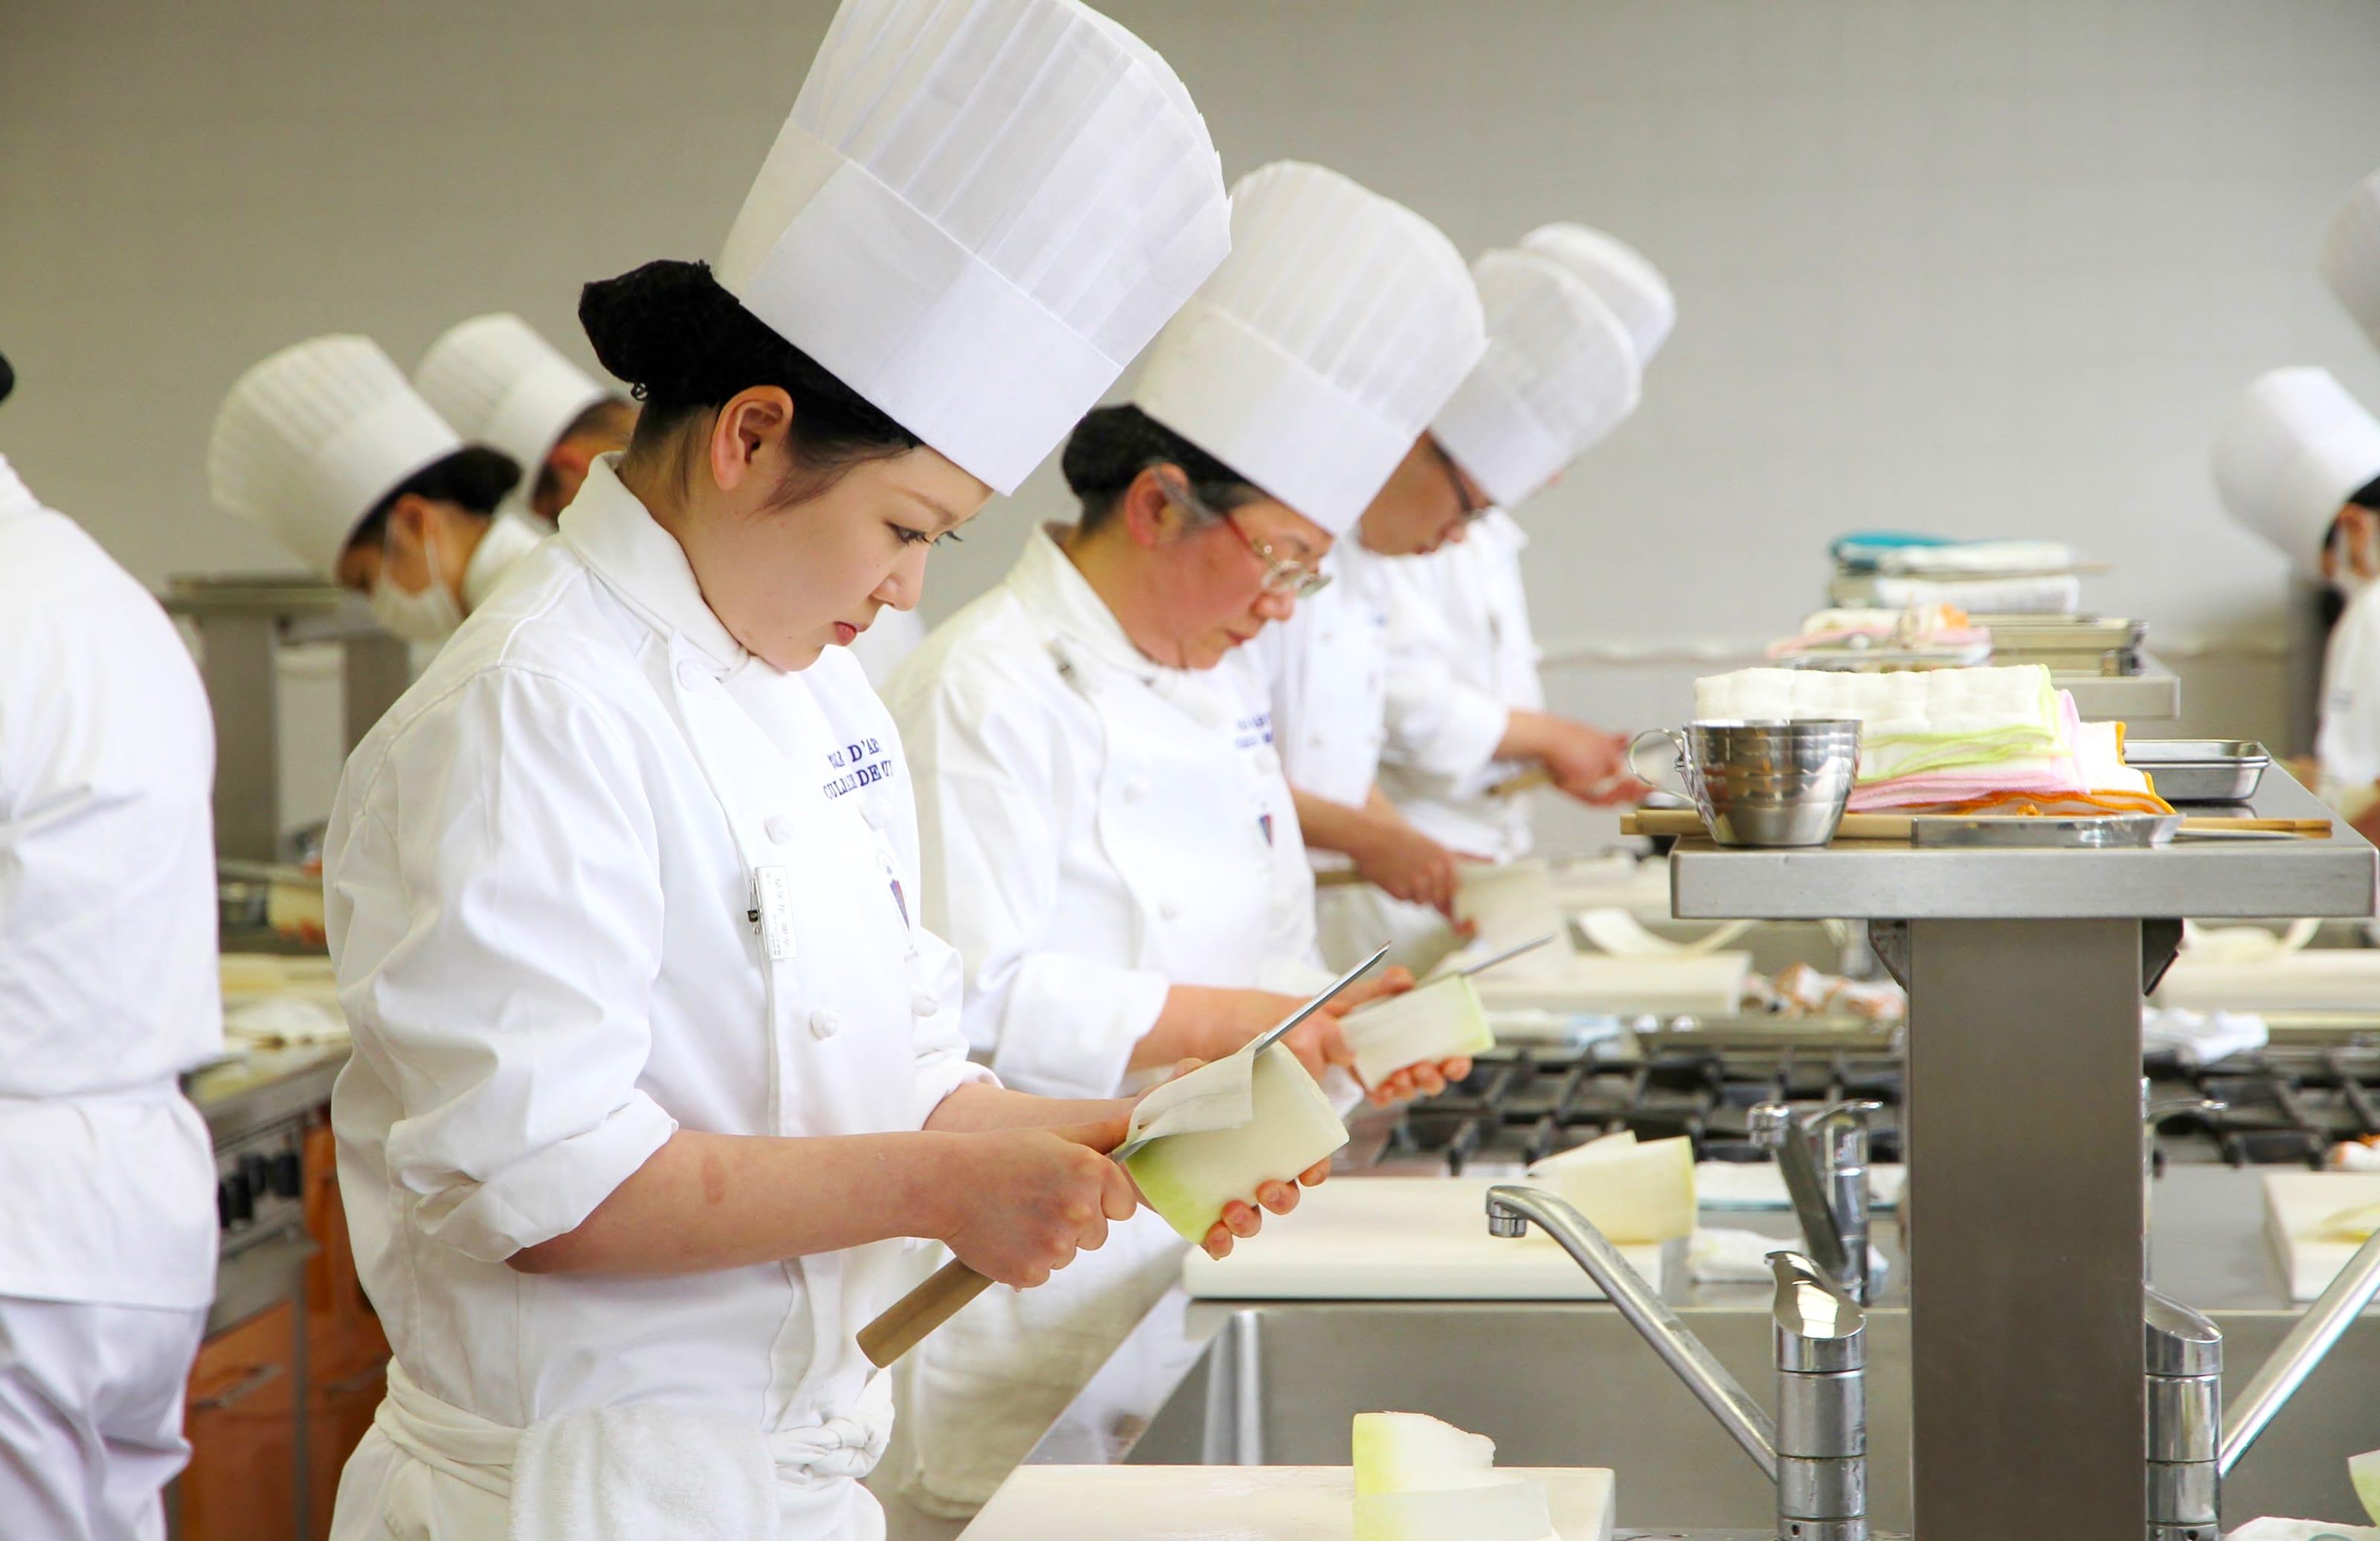 Kỳ thi kỹ năng đặc định ngành ăn uống nhà hàng – nghề chế biến thức ăn